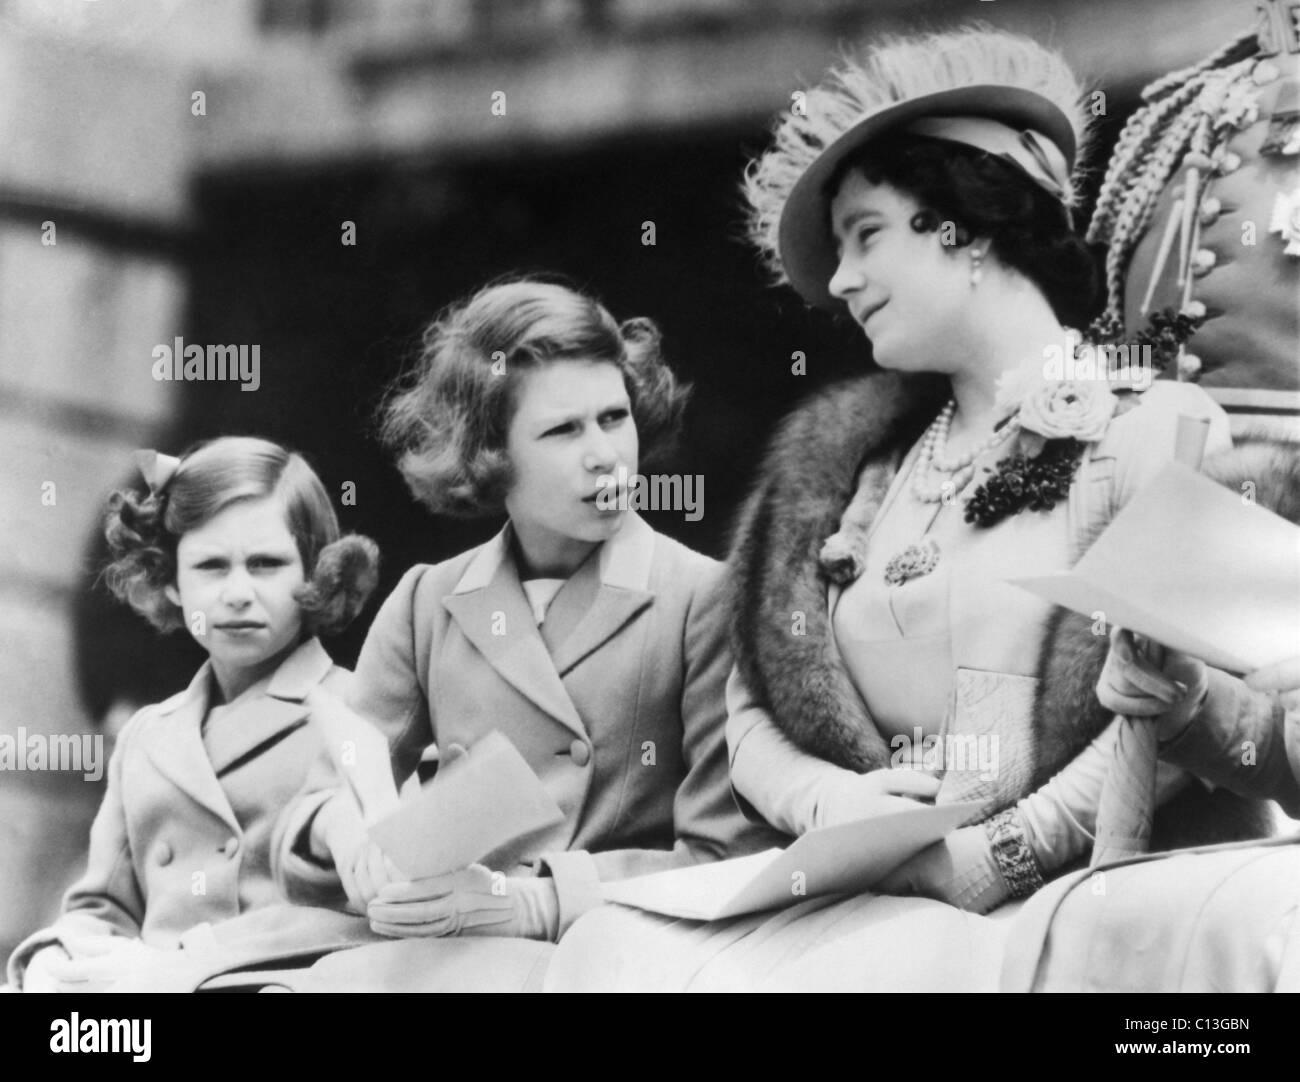 Queen Elizabeth Rechts Die Ehemalige Duchess Of York Und Ihre